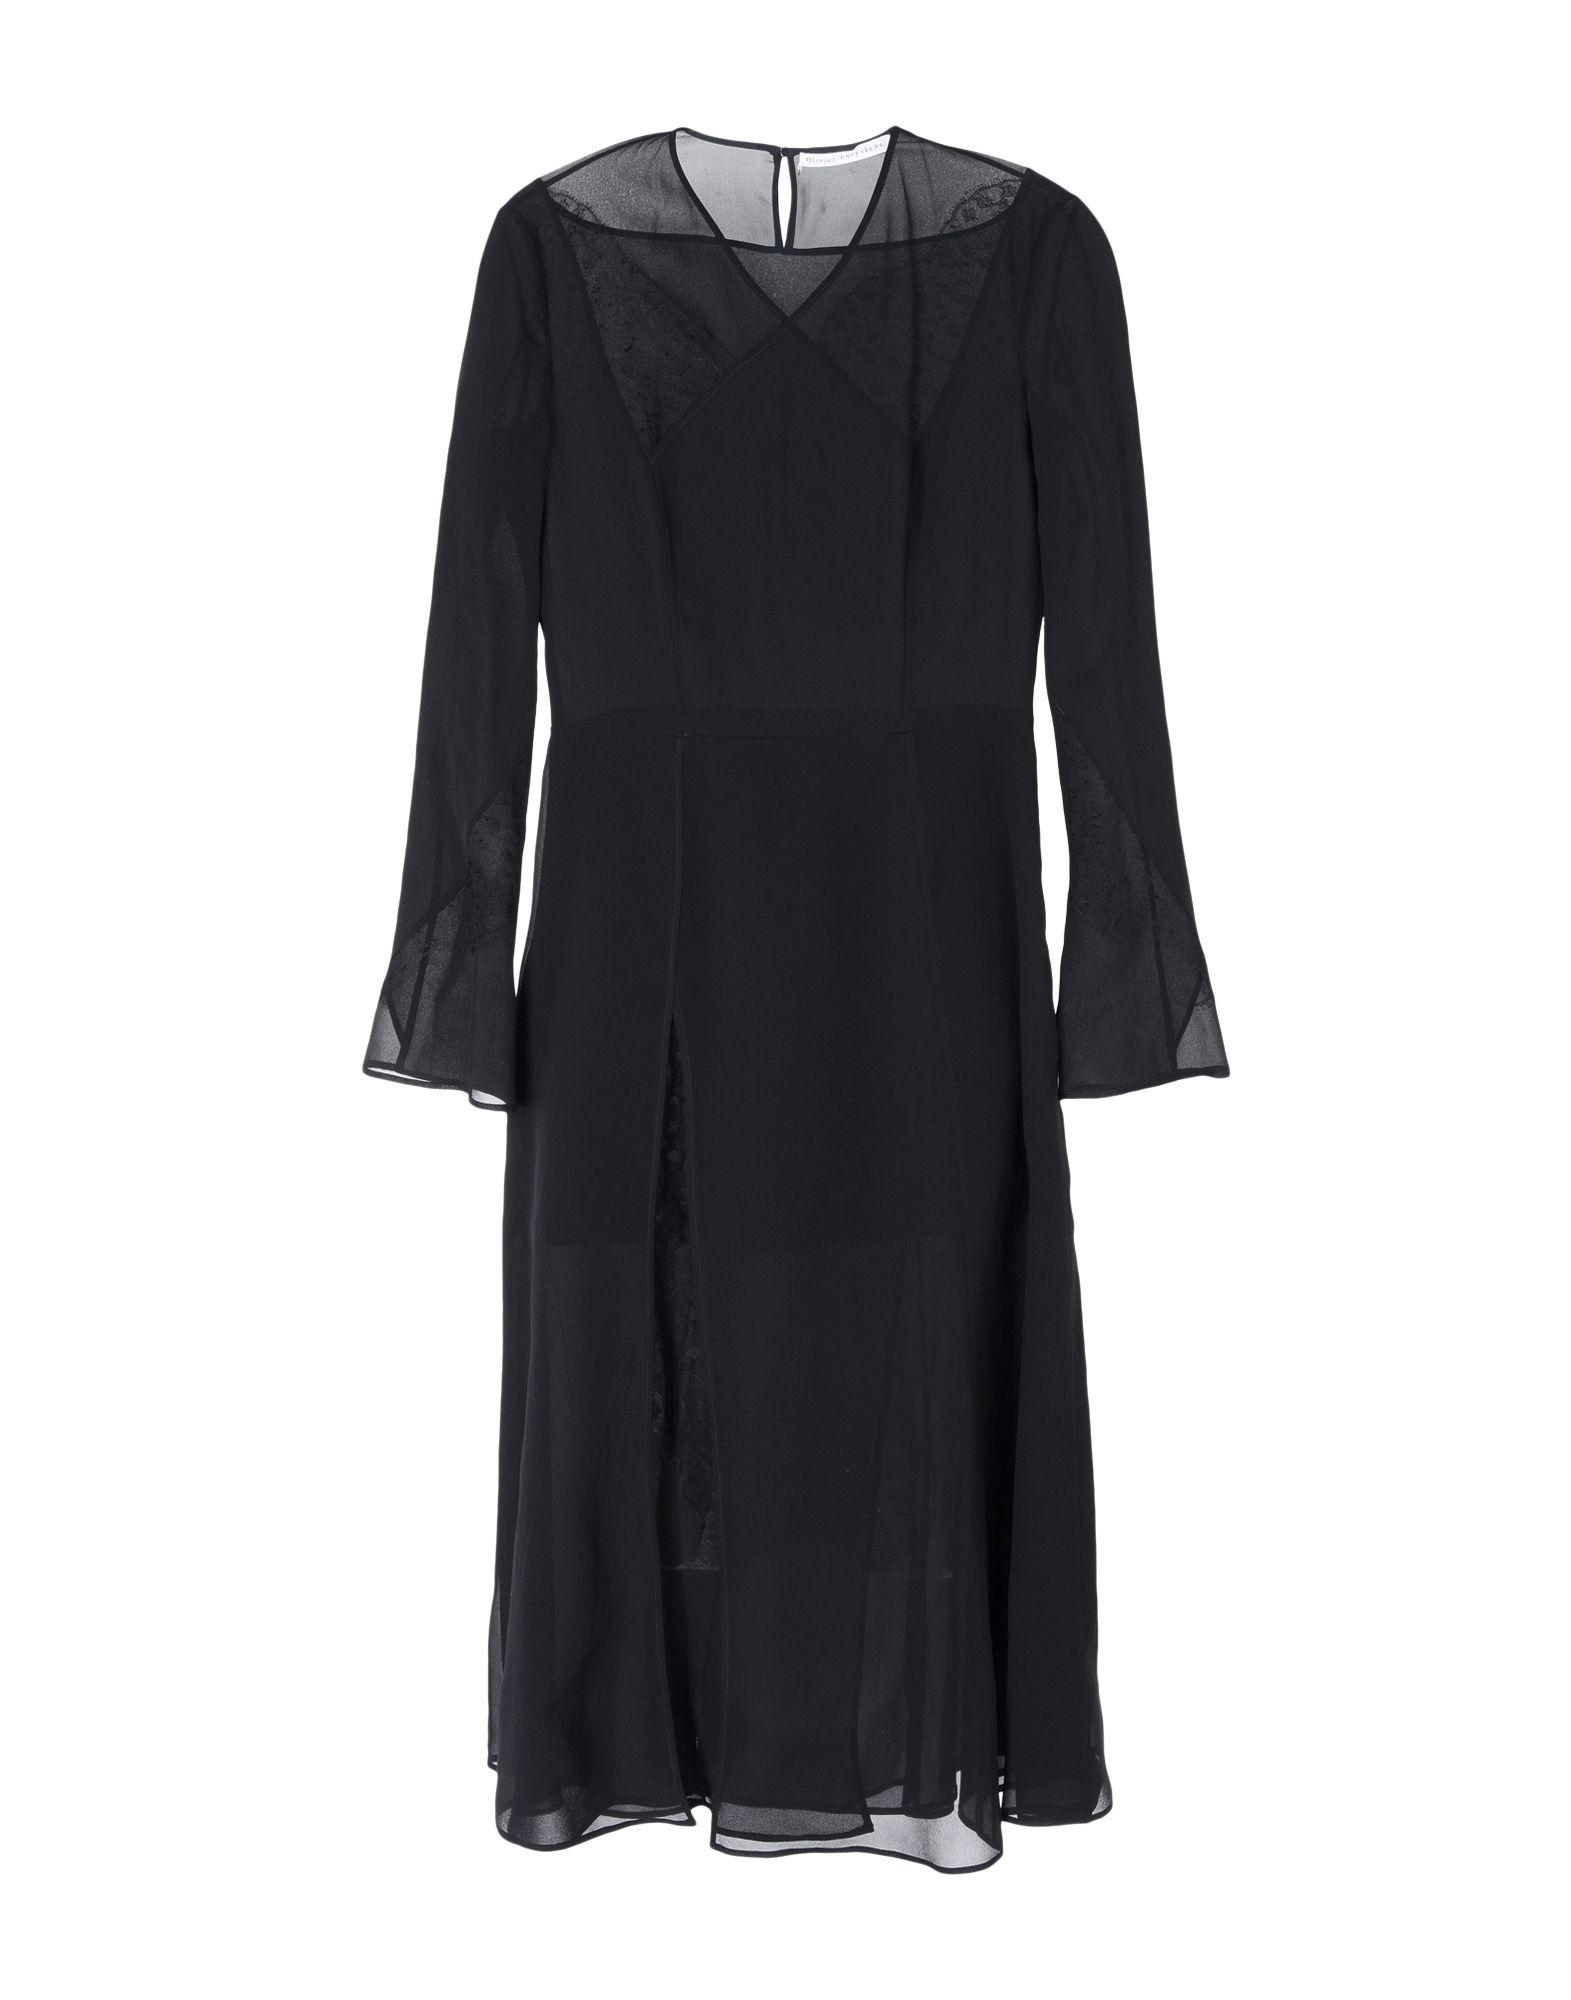 《送料無料》OLIVIER THEYSKENS レディース 7分丈ワンピース・ドレス ブラック 40 シルク 100%